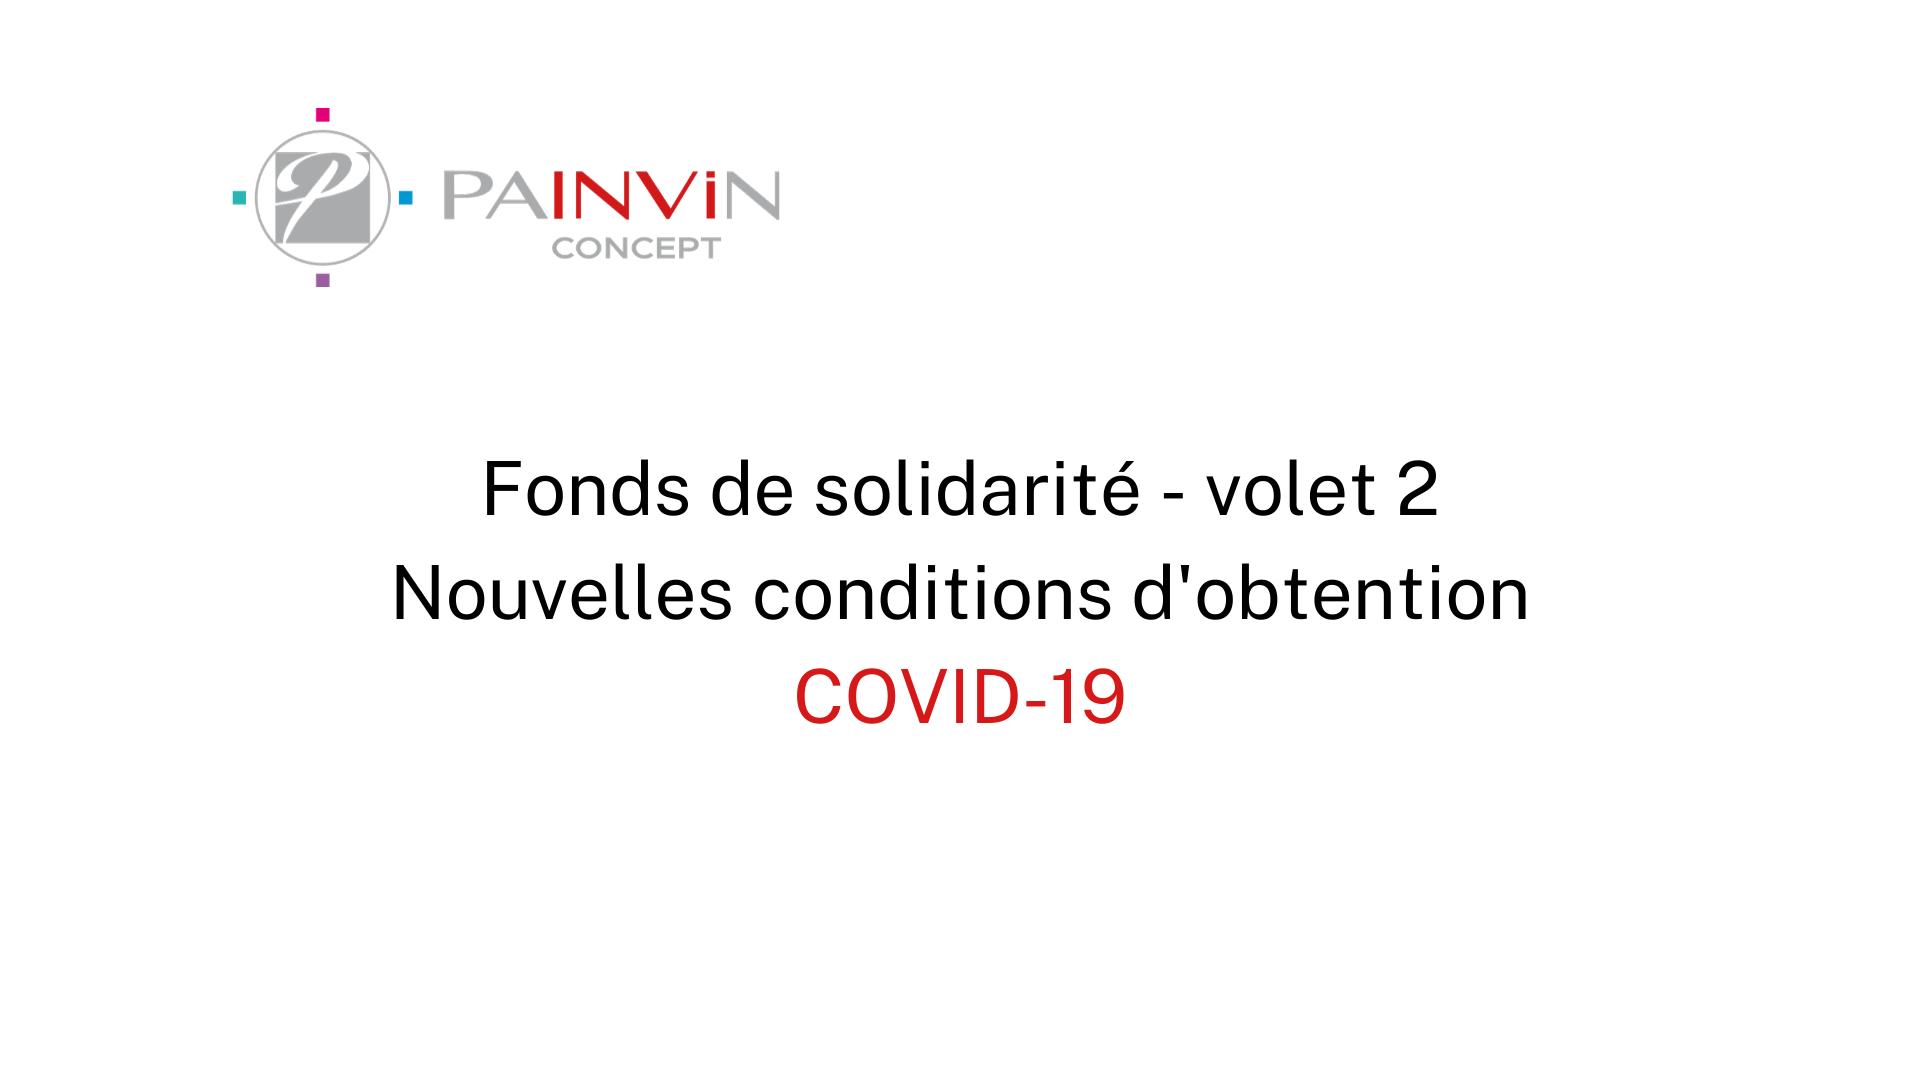 fonds de solidarité volet 2, les nouvelles conditions d'obtention